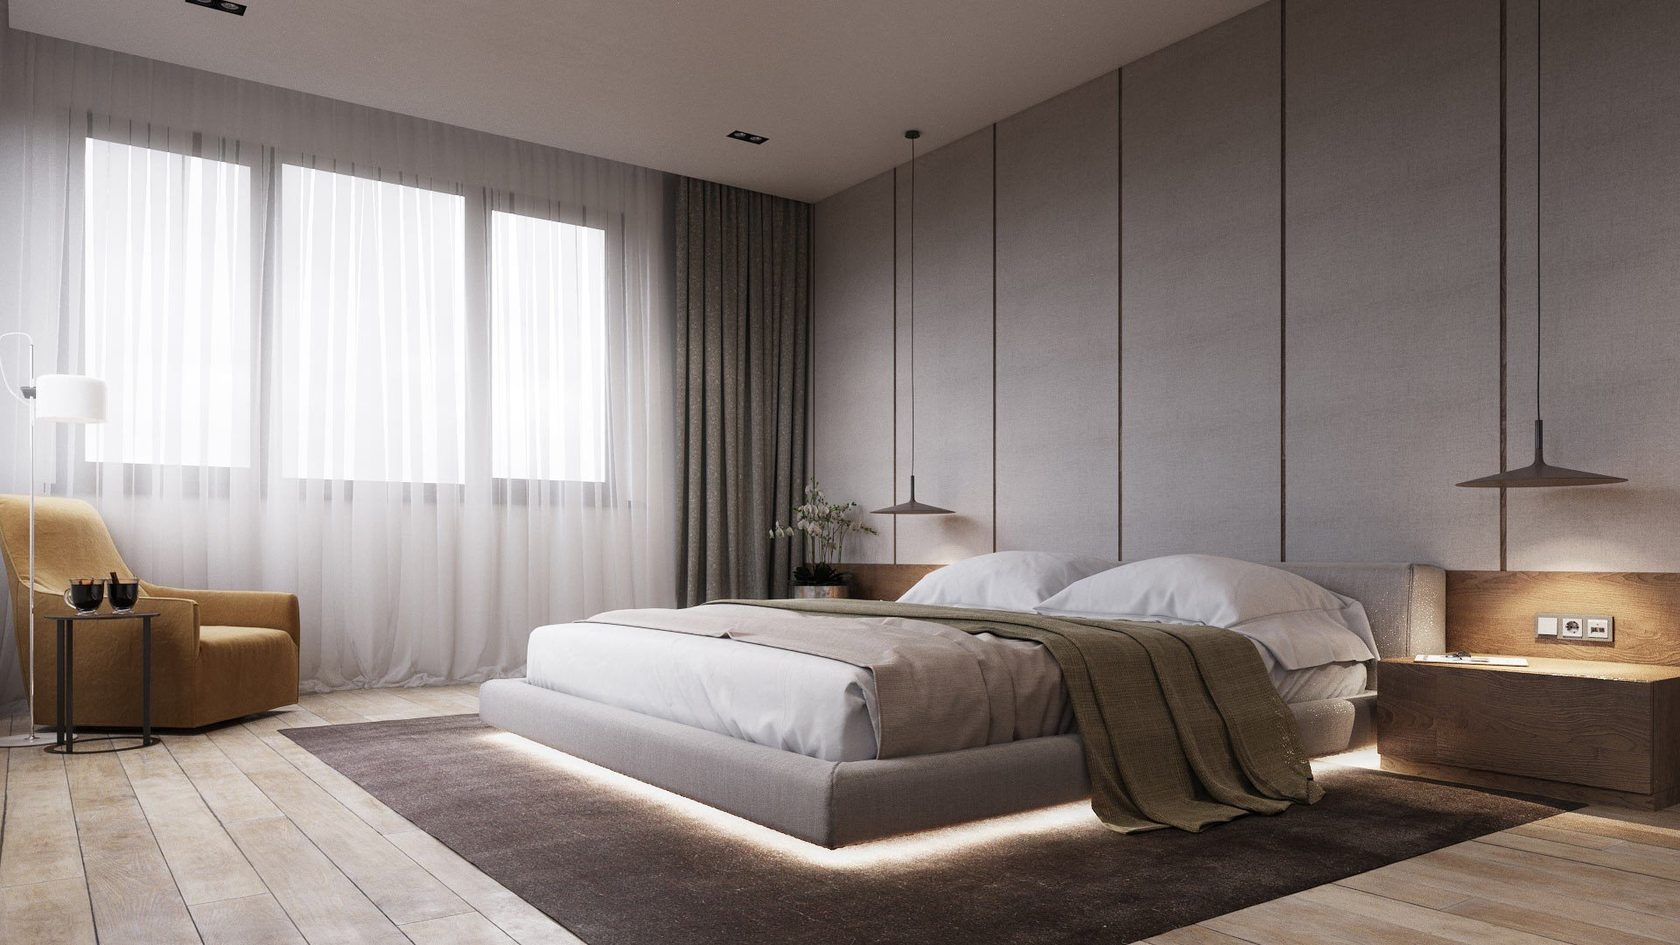 Tendenze camera da letto 2020: idee di design e decorazione